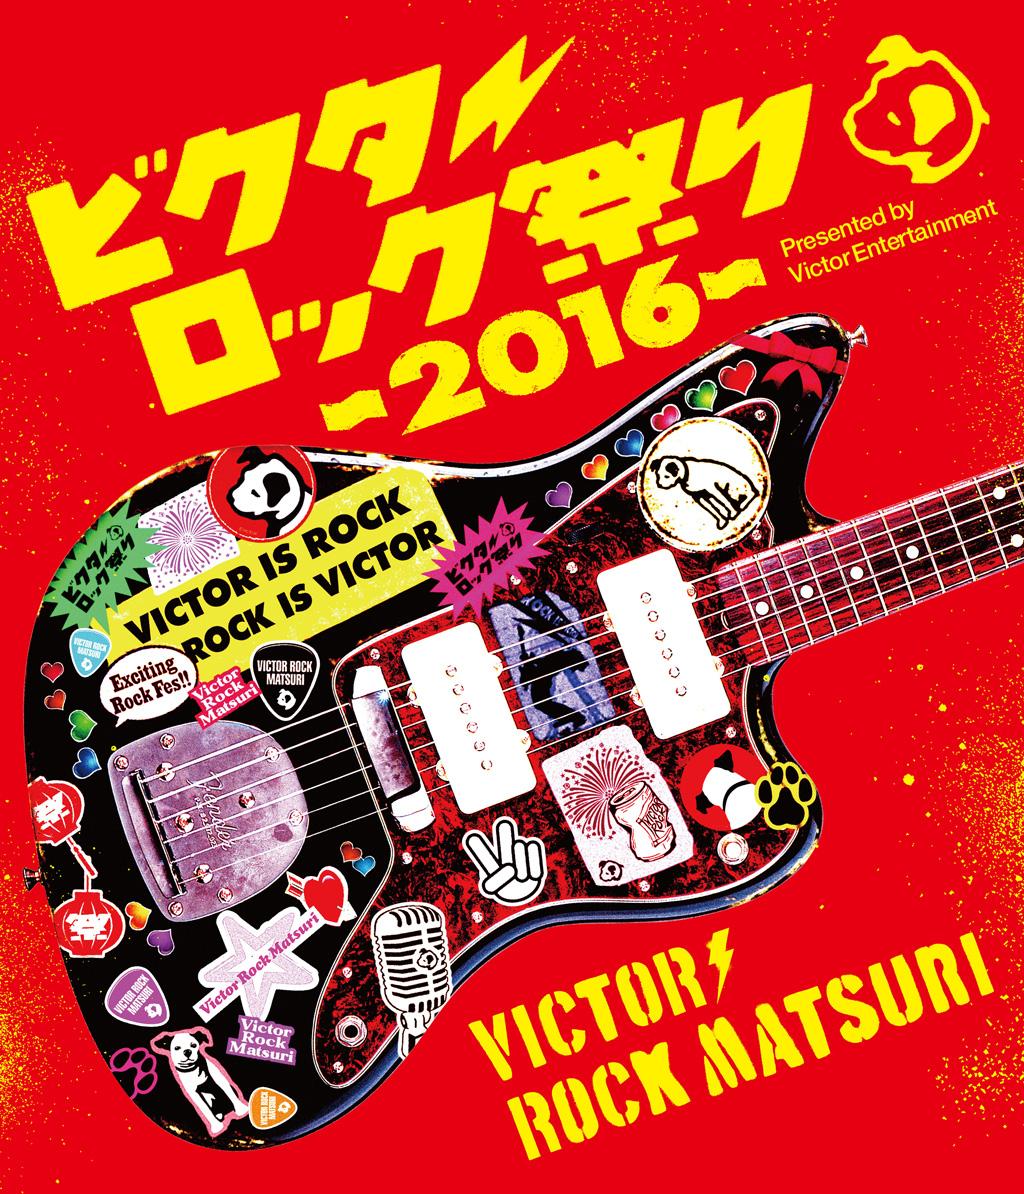 「ビクターロック祭り2016」